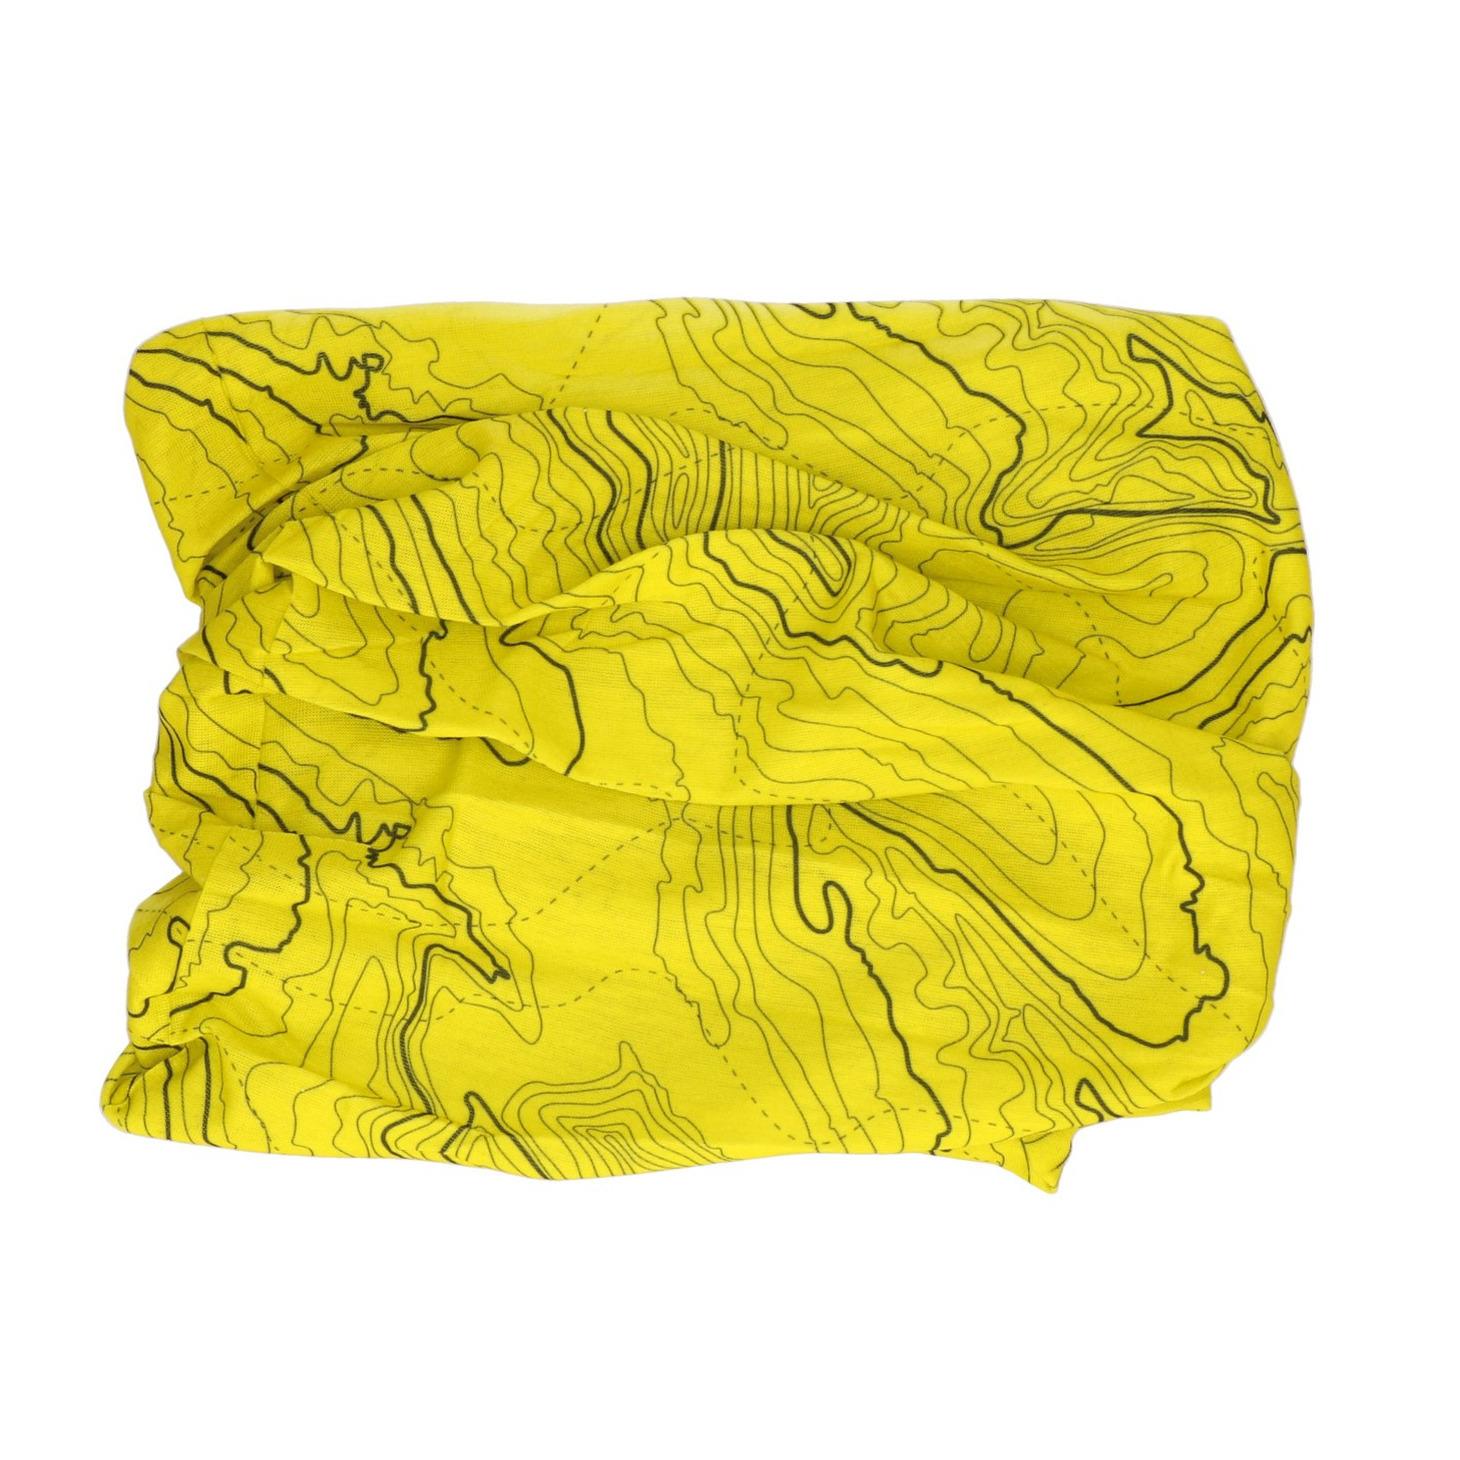 Multifunctionele morf sjaal geel met contour print voor volwassen